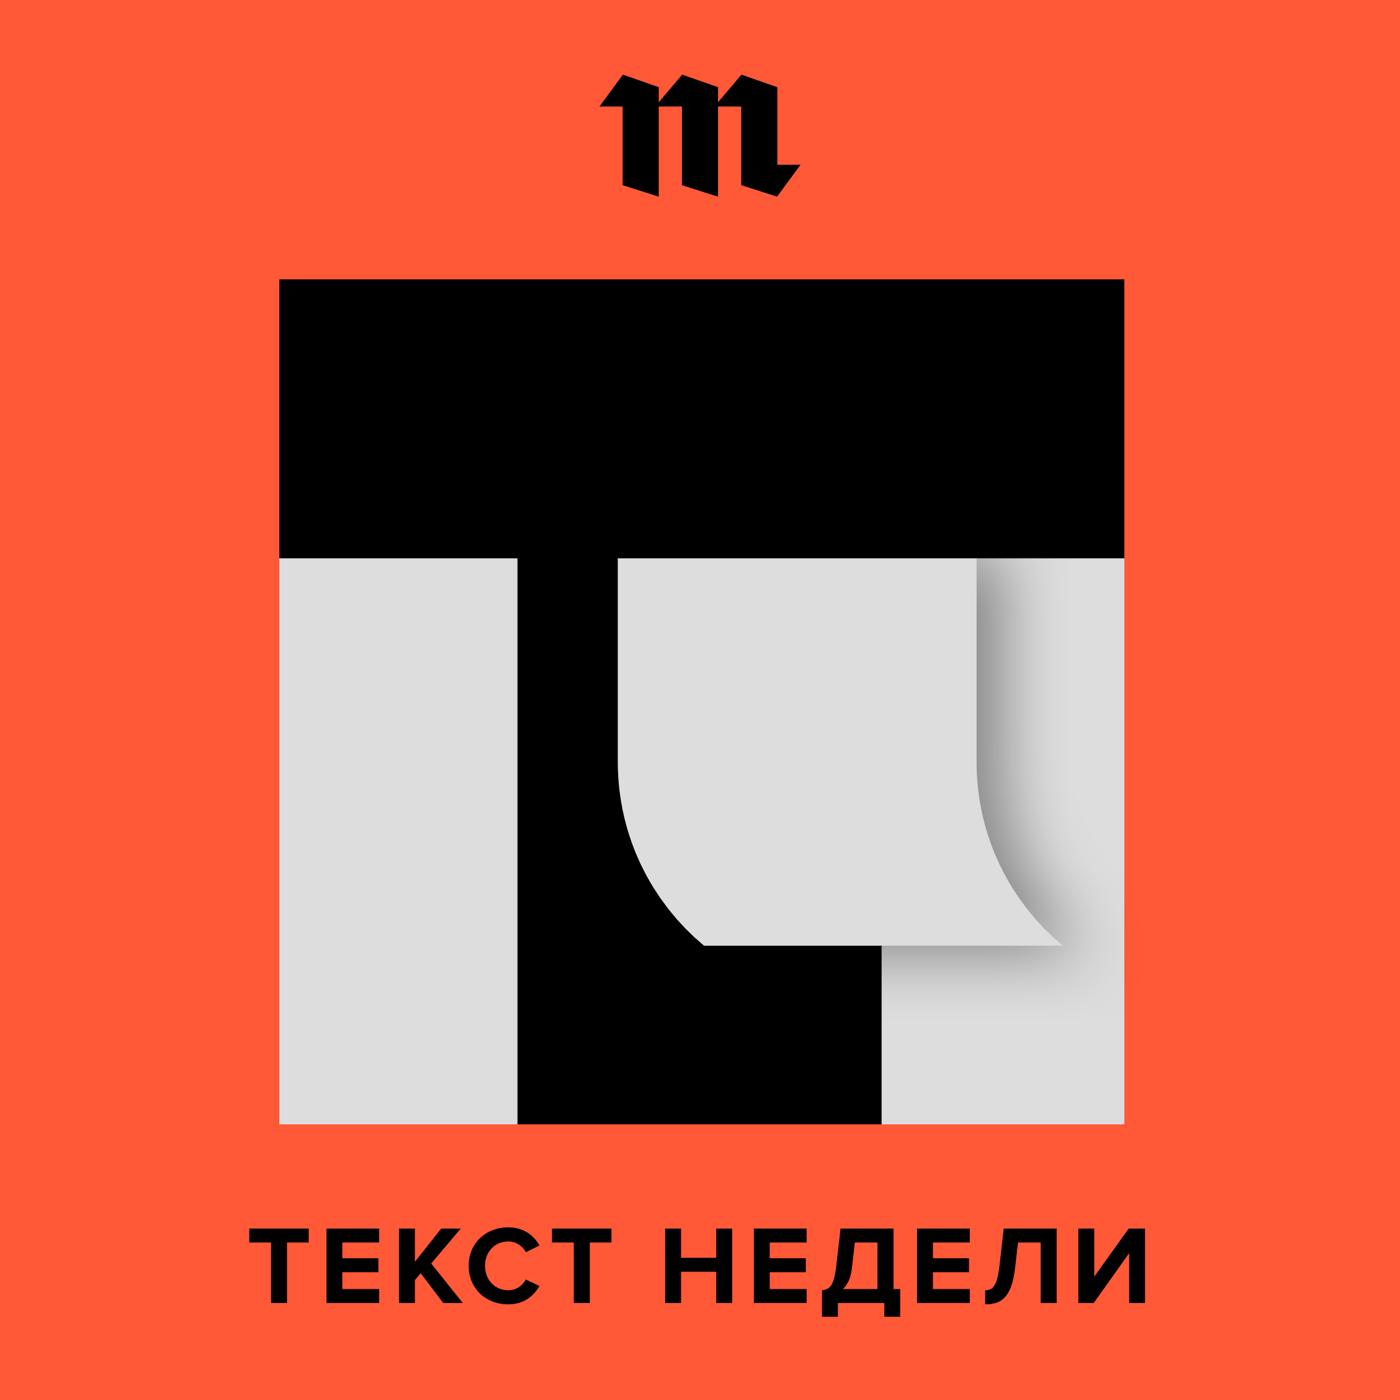 Херес для Путина. Что случилось с «Массандрой» после присоединения Крыма